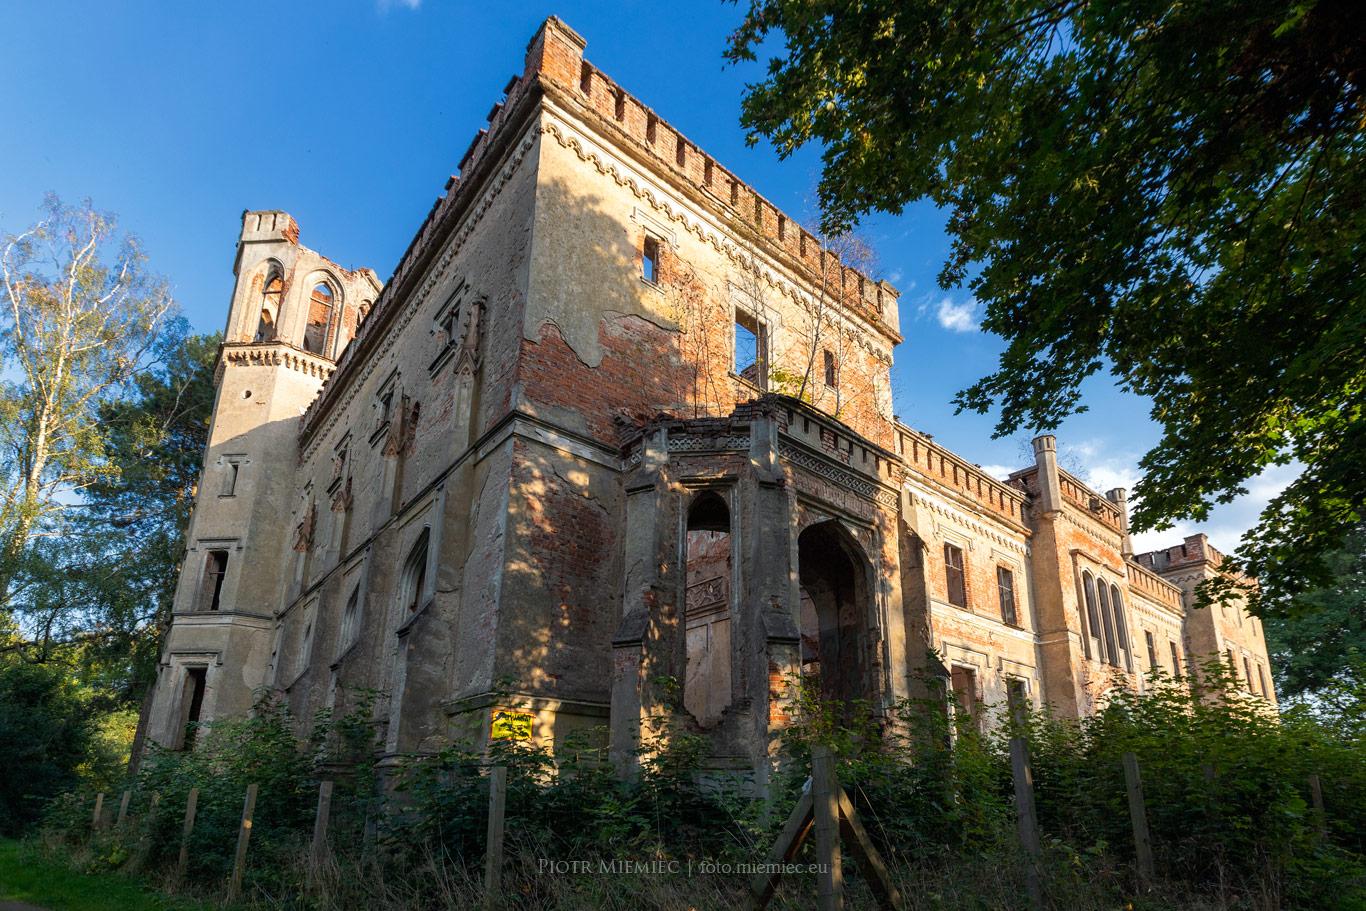 Otok pałac